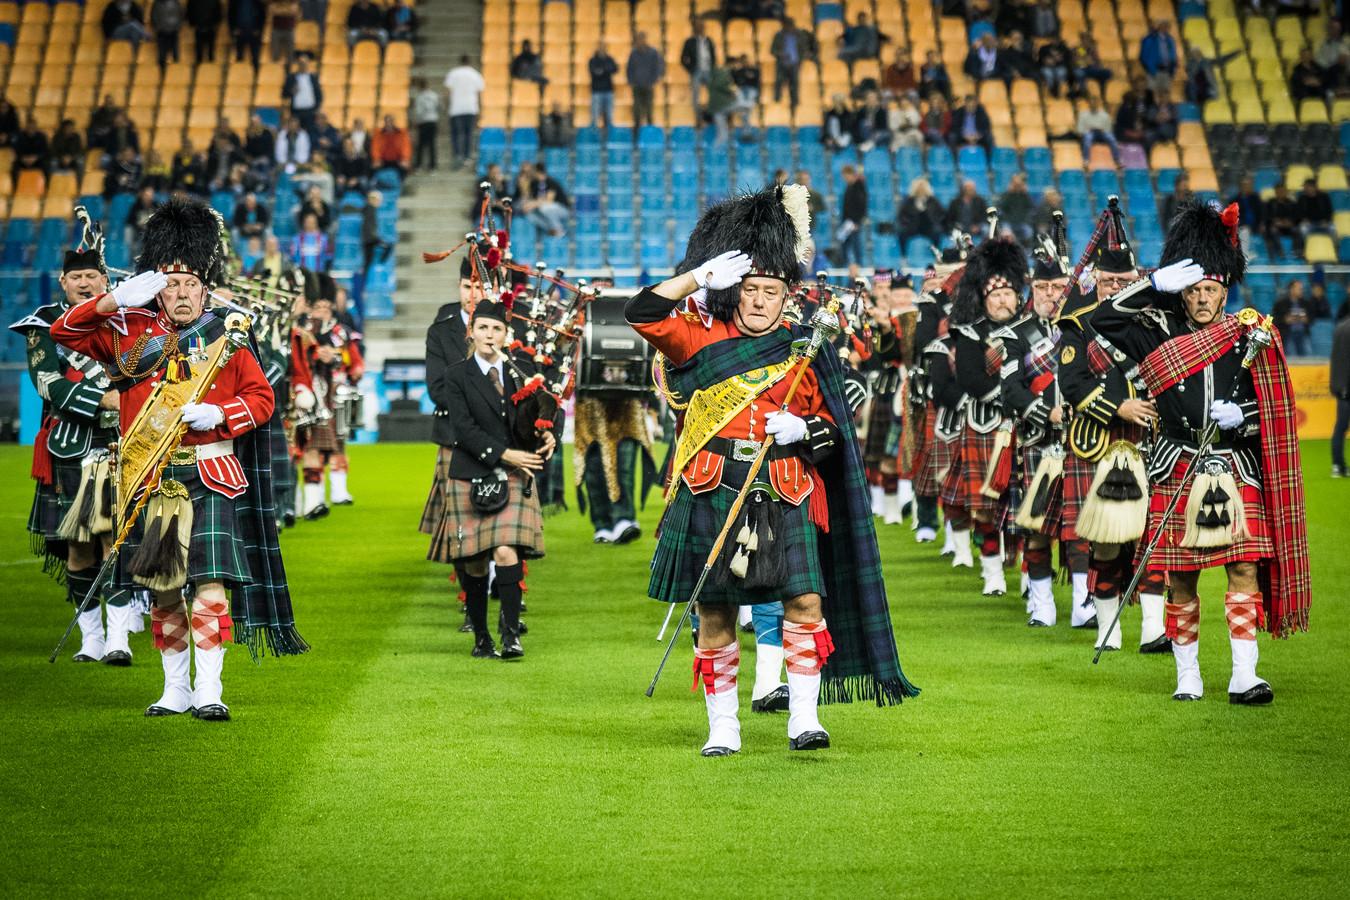 Het optreden van The Pipes & Drums of The Royal British Legion tijdens de Airborne-wedstrijd in 2018. Komende zaterdag komt dit muziekgezelschap met een kleine delegatie naar GelreDome.